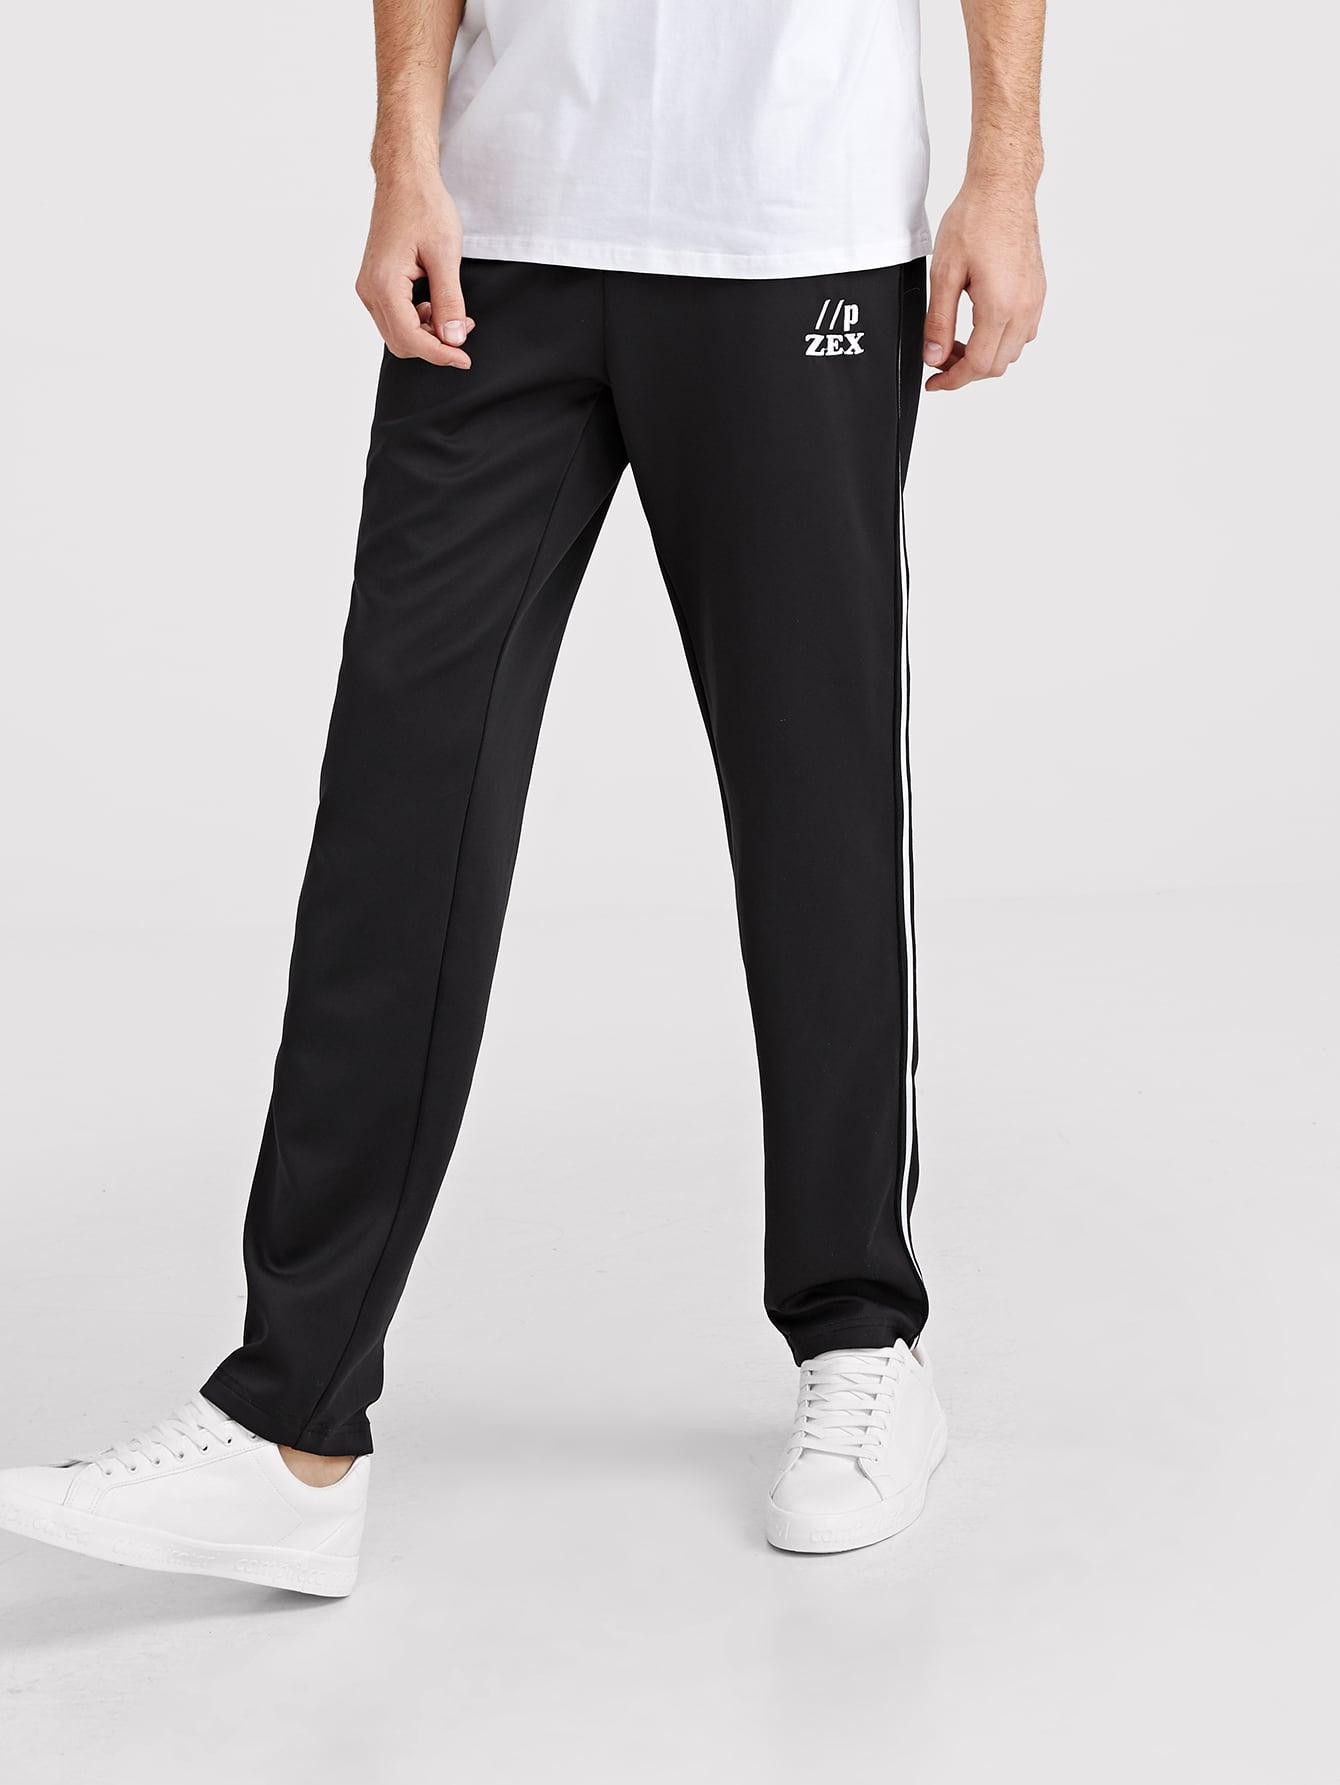 Купить Мужские контрастные спортивные брюки с полосками, Valerian, SheIn